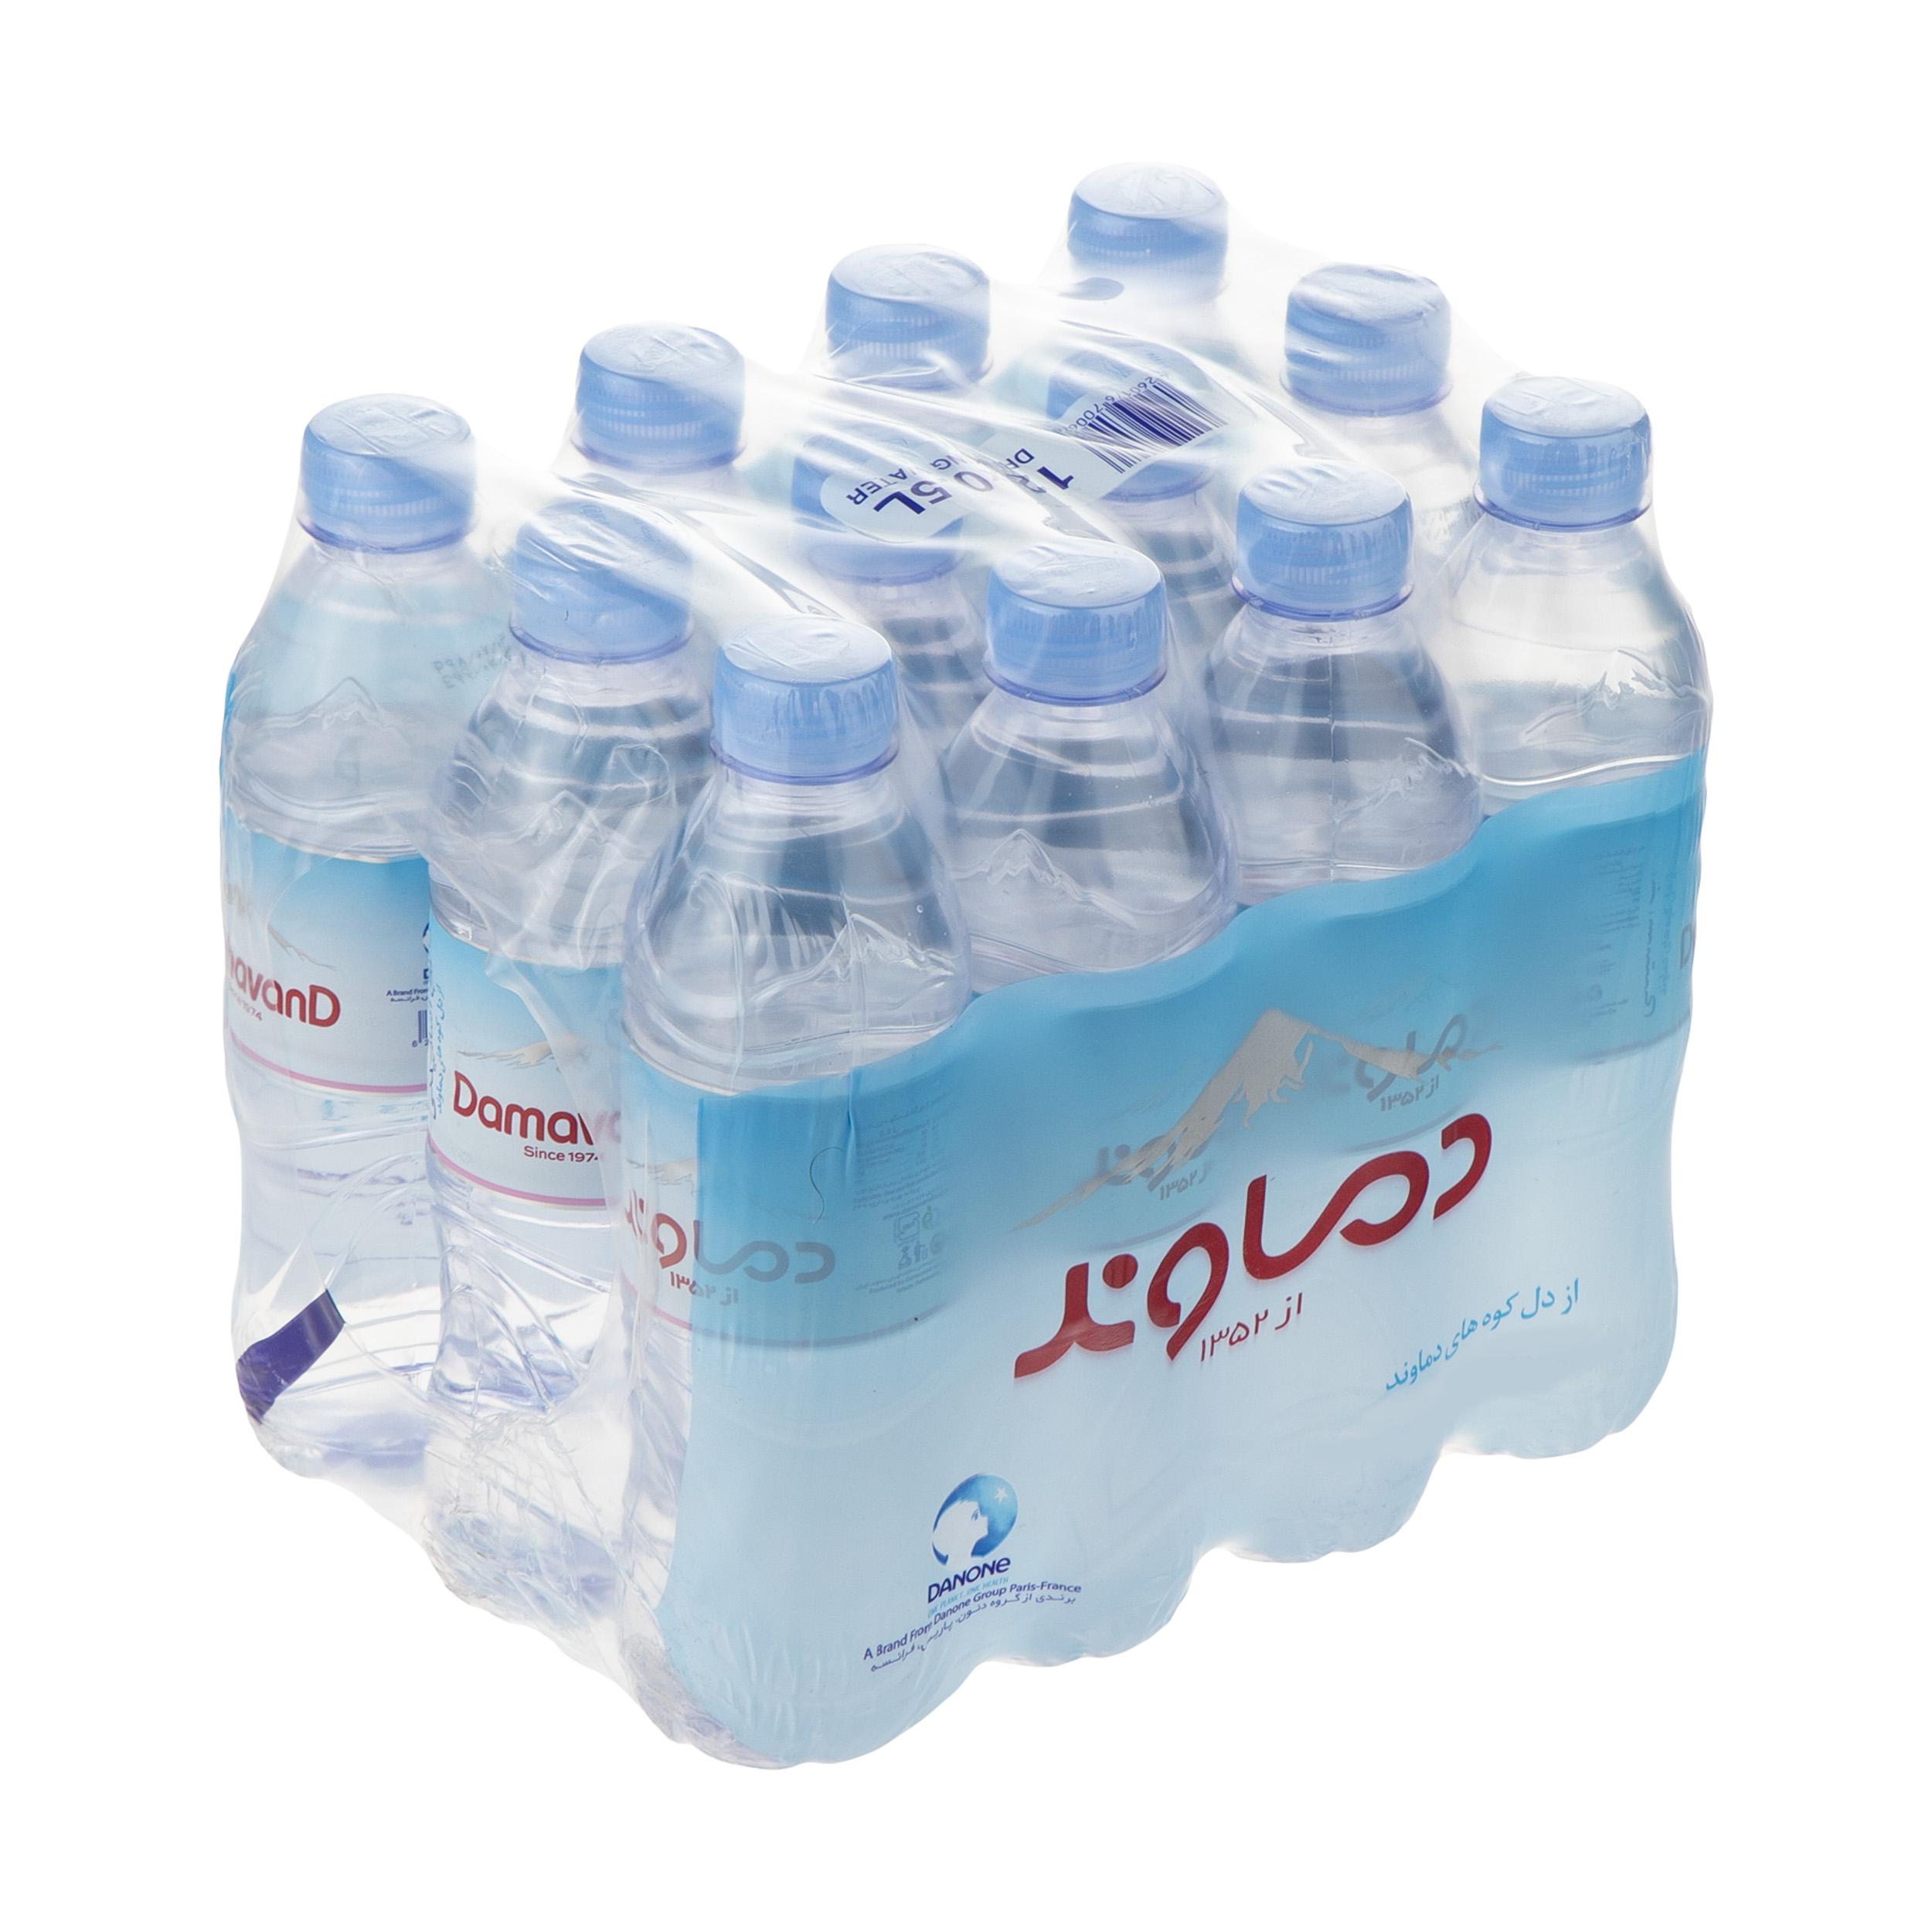 آب آشامیدنی دماوند حجم 500 میلی لیتر بسته 12 عددی